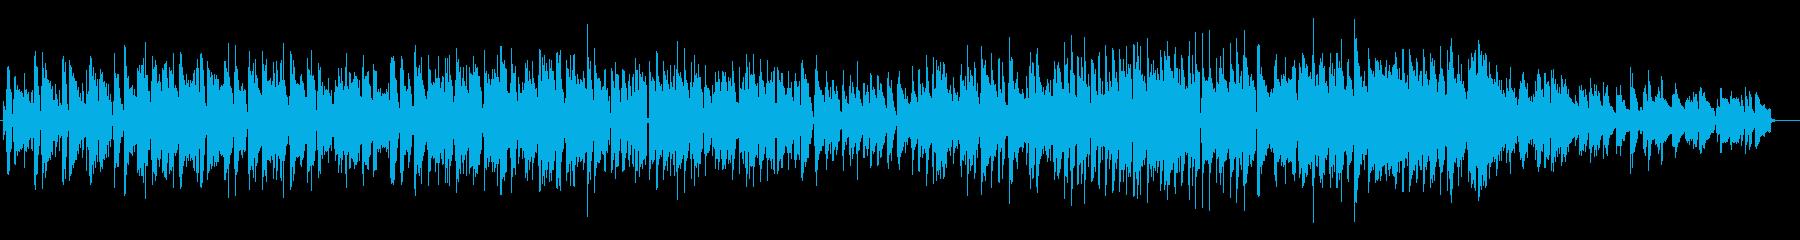 穏やかな日常に合うスムースジャズの再生済みの波形